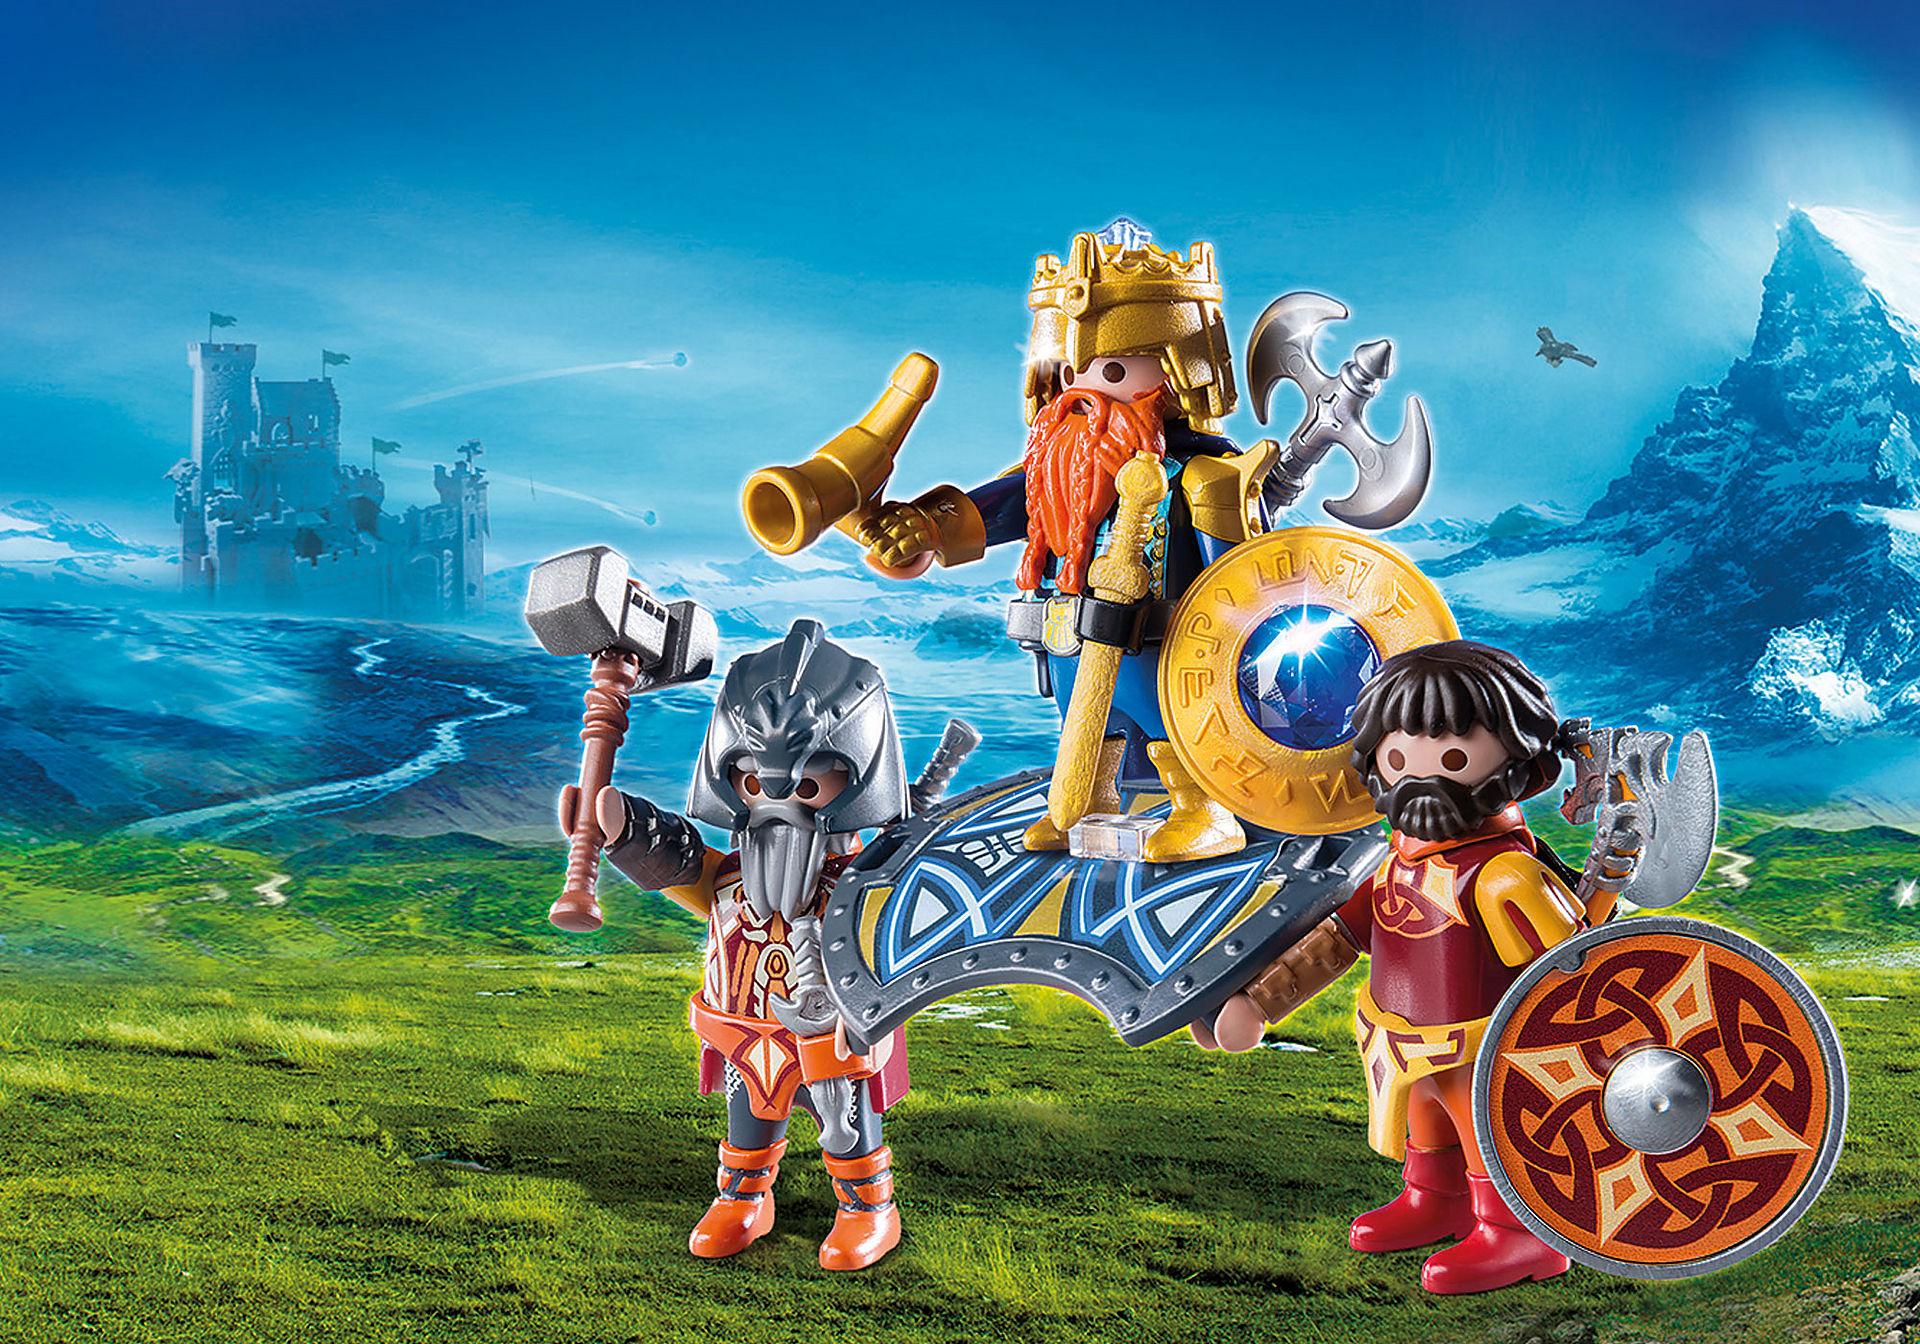 9344 Βασιλιάς των Νάνων με δύο φρουρούς zoom image1